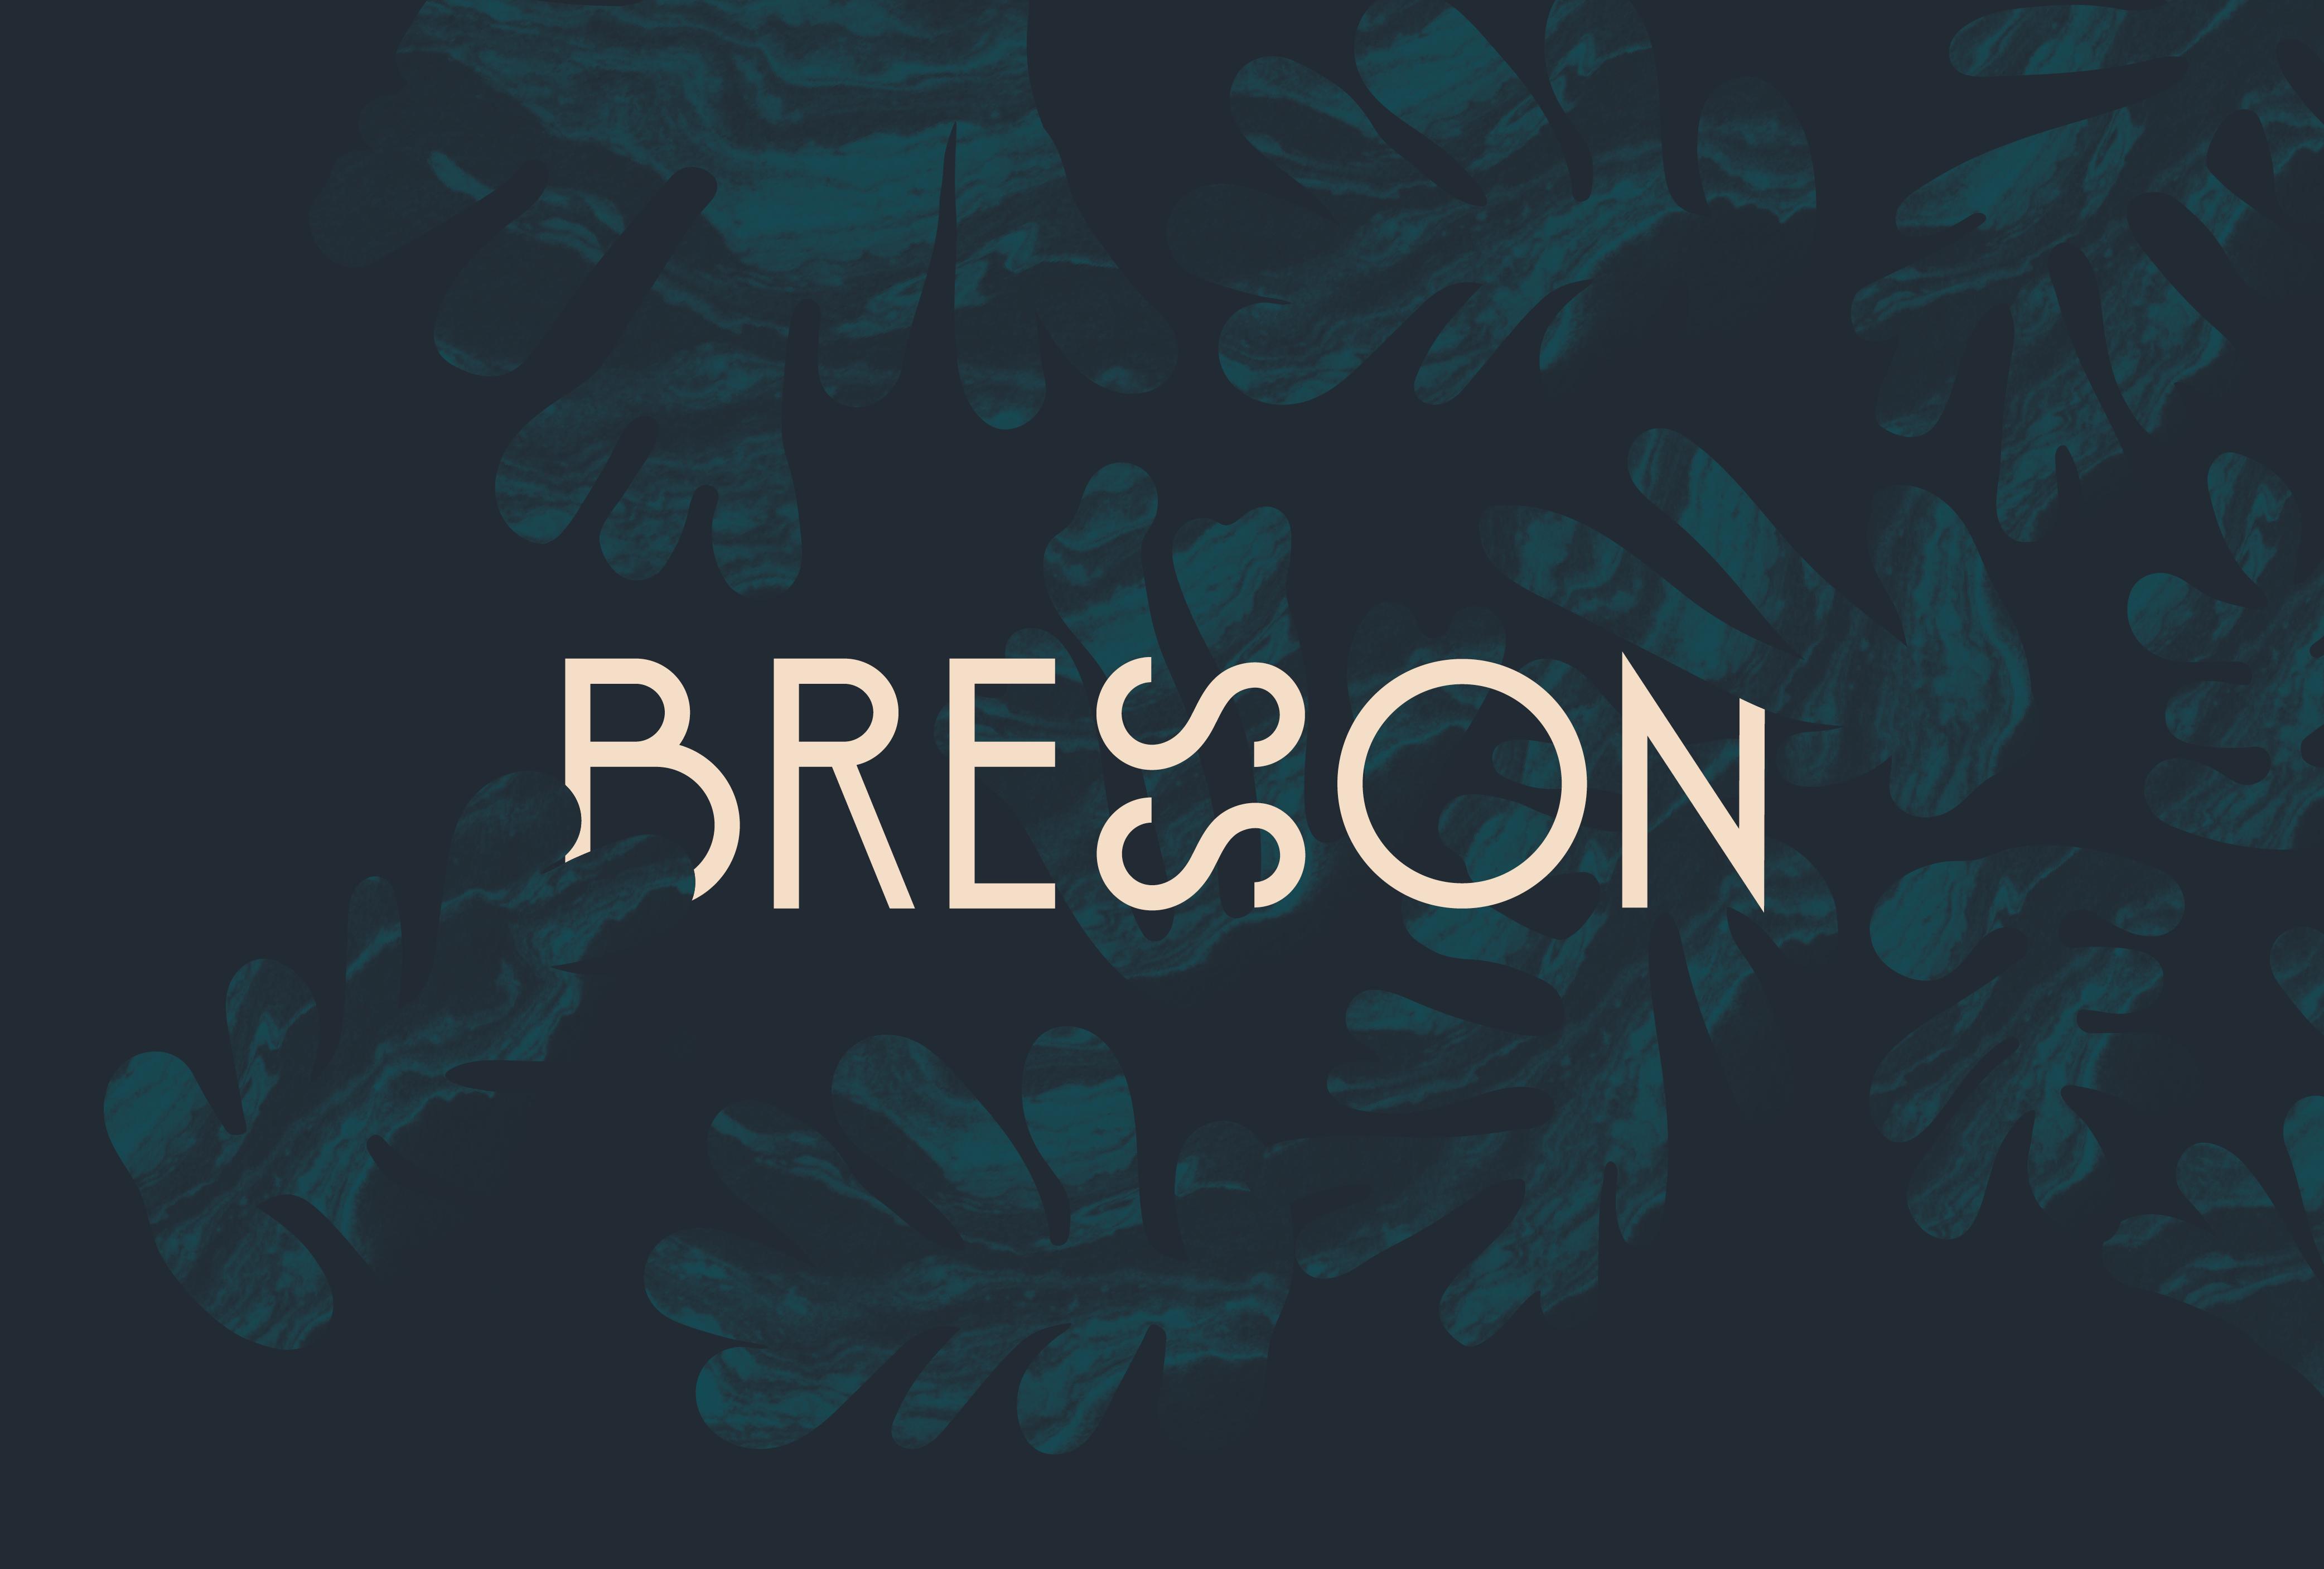 Cover image: Bresson